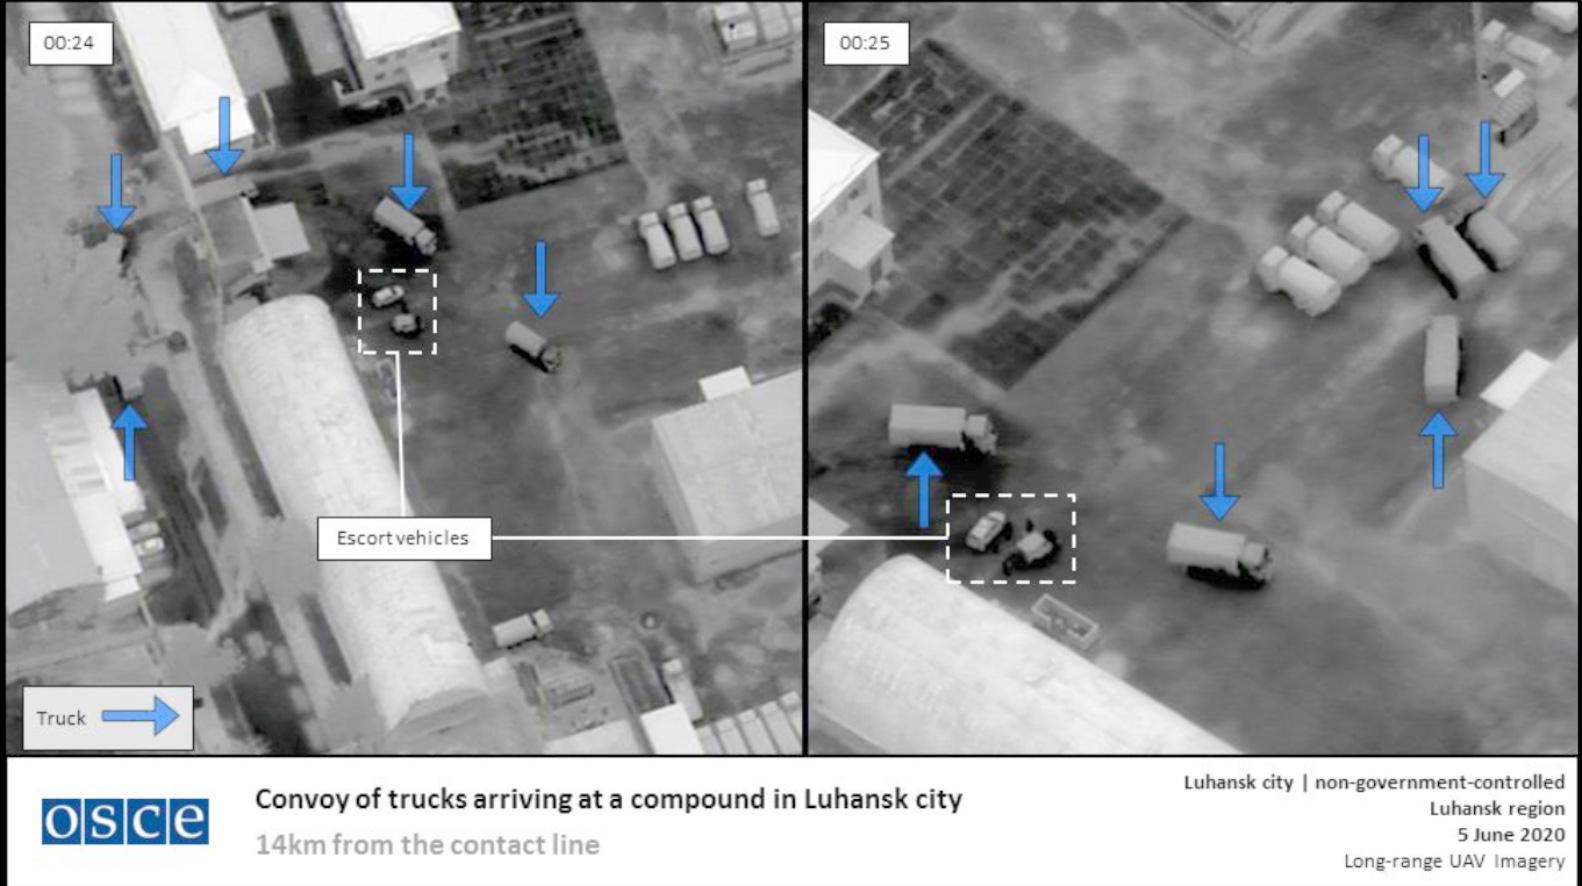 En rysk lastbilskonvoj med krigsutrustning i Luhansk, Ukraina